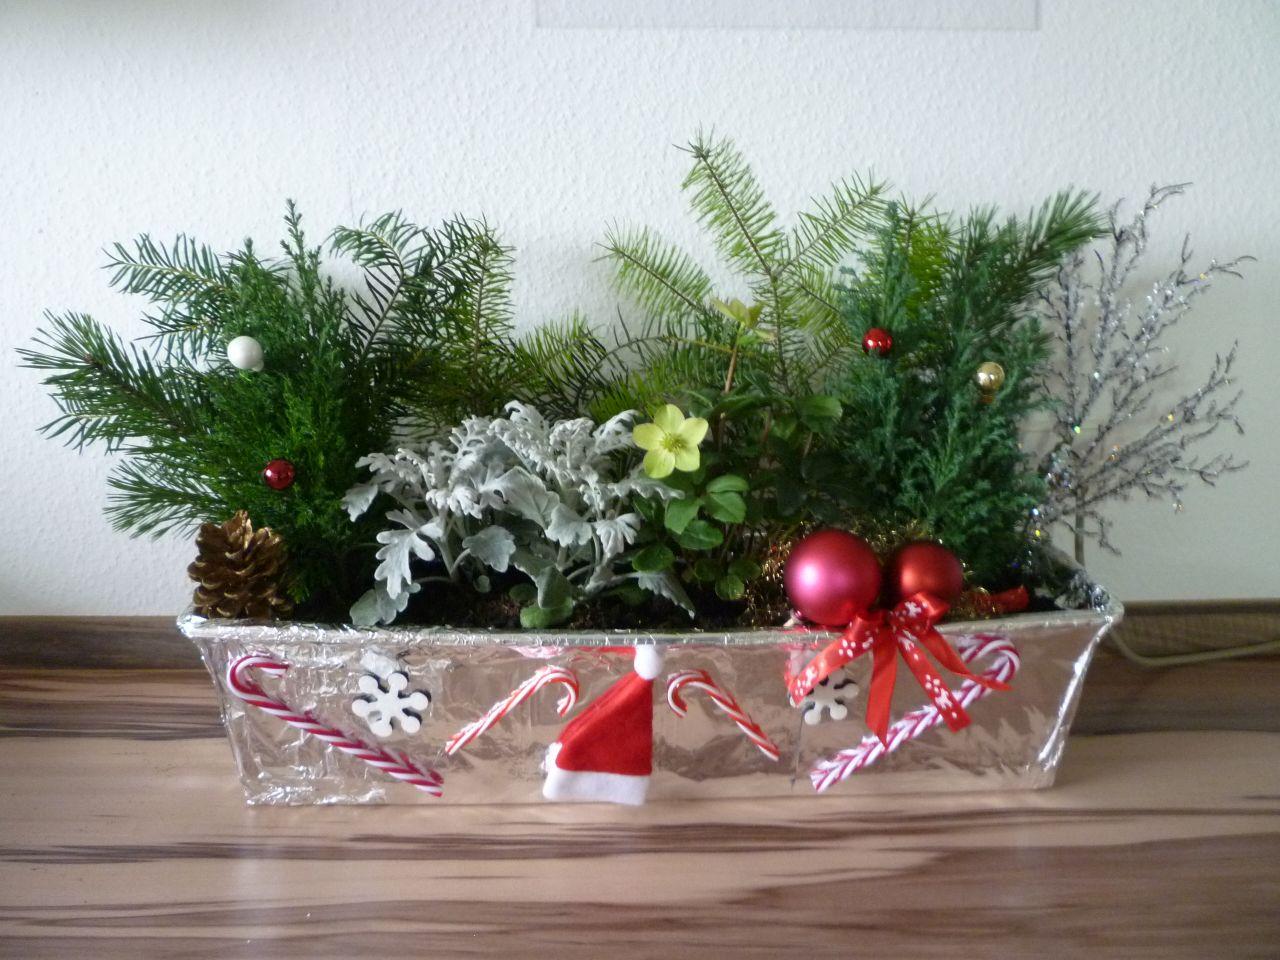 Blumenkasten Weihnachtlich Dekorieren weihnachtliche blumenkästen die bastelemma